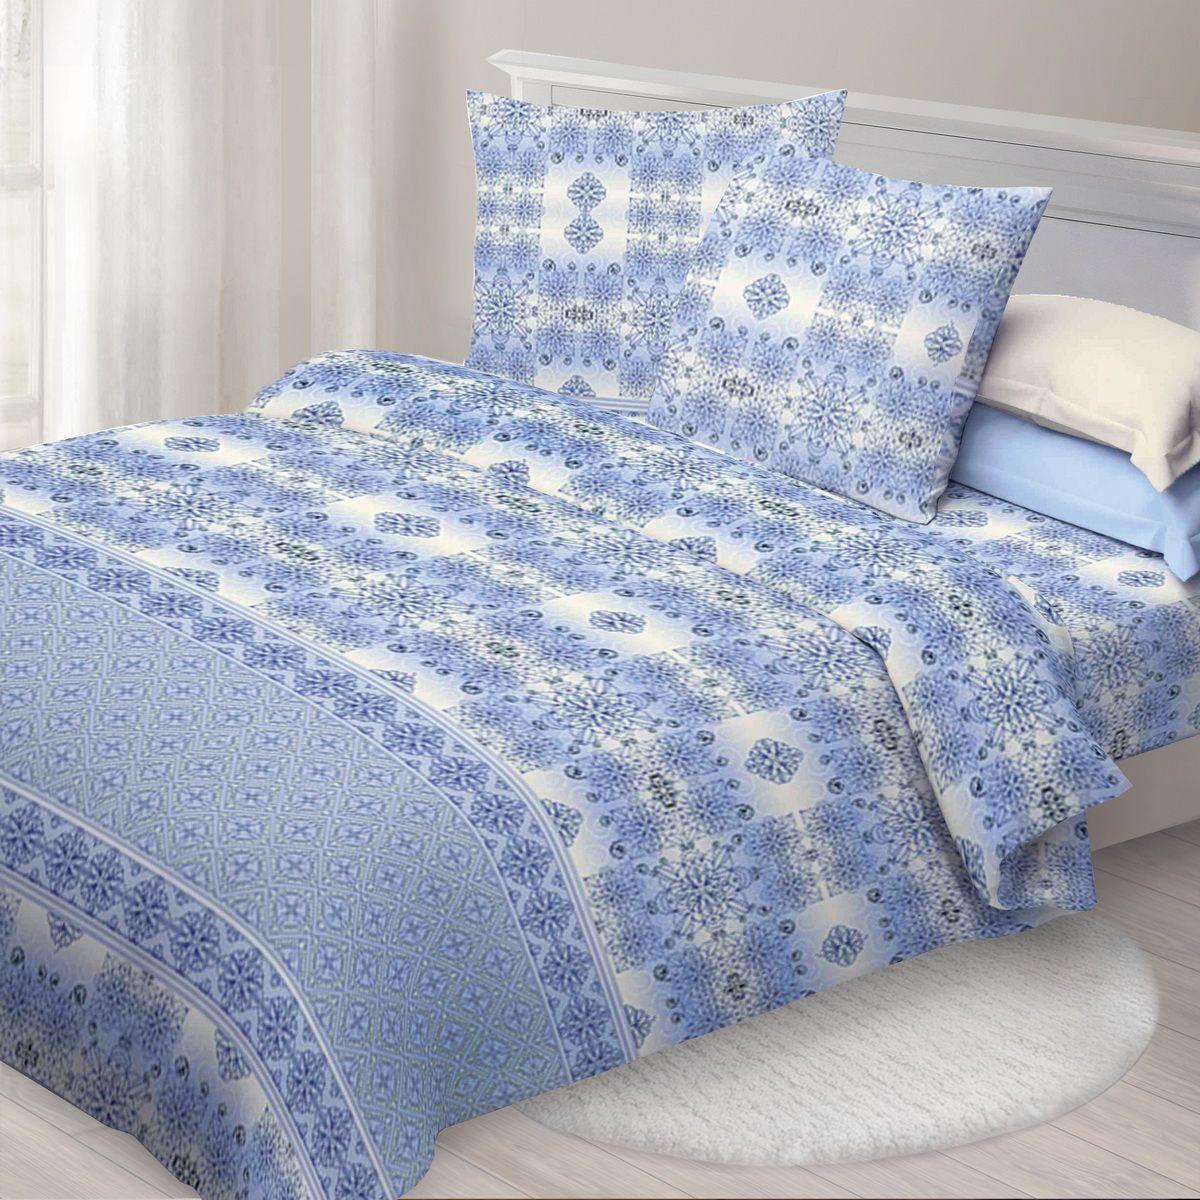 Комплект белья Спал Спалыч Виола, 1,5-спальное, наволочки 70x70, цвет: синий88008Спал Спалыч - недорогое, но качественное постельное белье из белорусской бязи. Актуальные дизайны, авторская упаковка в сочетании с качественными материалами и приемлемой ценой - залог успеха Спал Спалыча! В ассортименте широкая линейка домашнего текстиля для всей семьи - современные дизайны современному покупателю! Ткань обработана по технологии PERFECT WAY - благодаря чему, она становится более гладкой и шелковистой. • Бязь Барановичи 100% хлопок • Плотность ткани - 125 гр/кв.м.